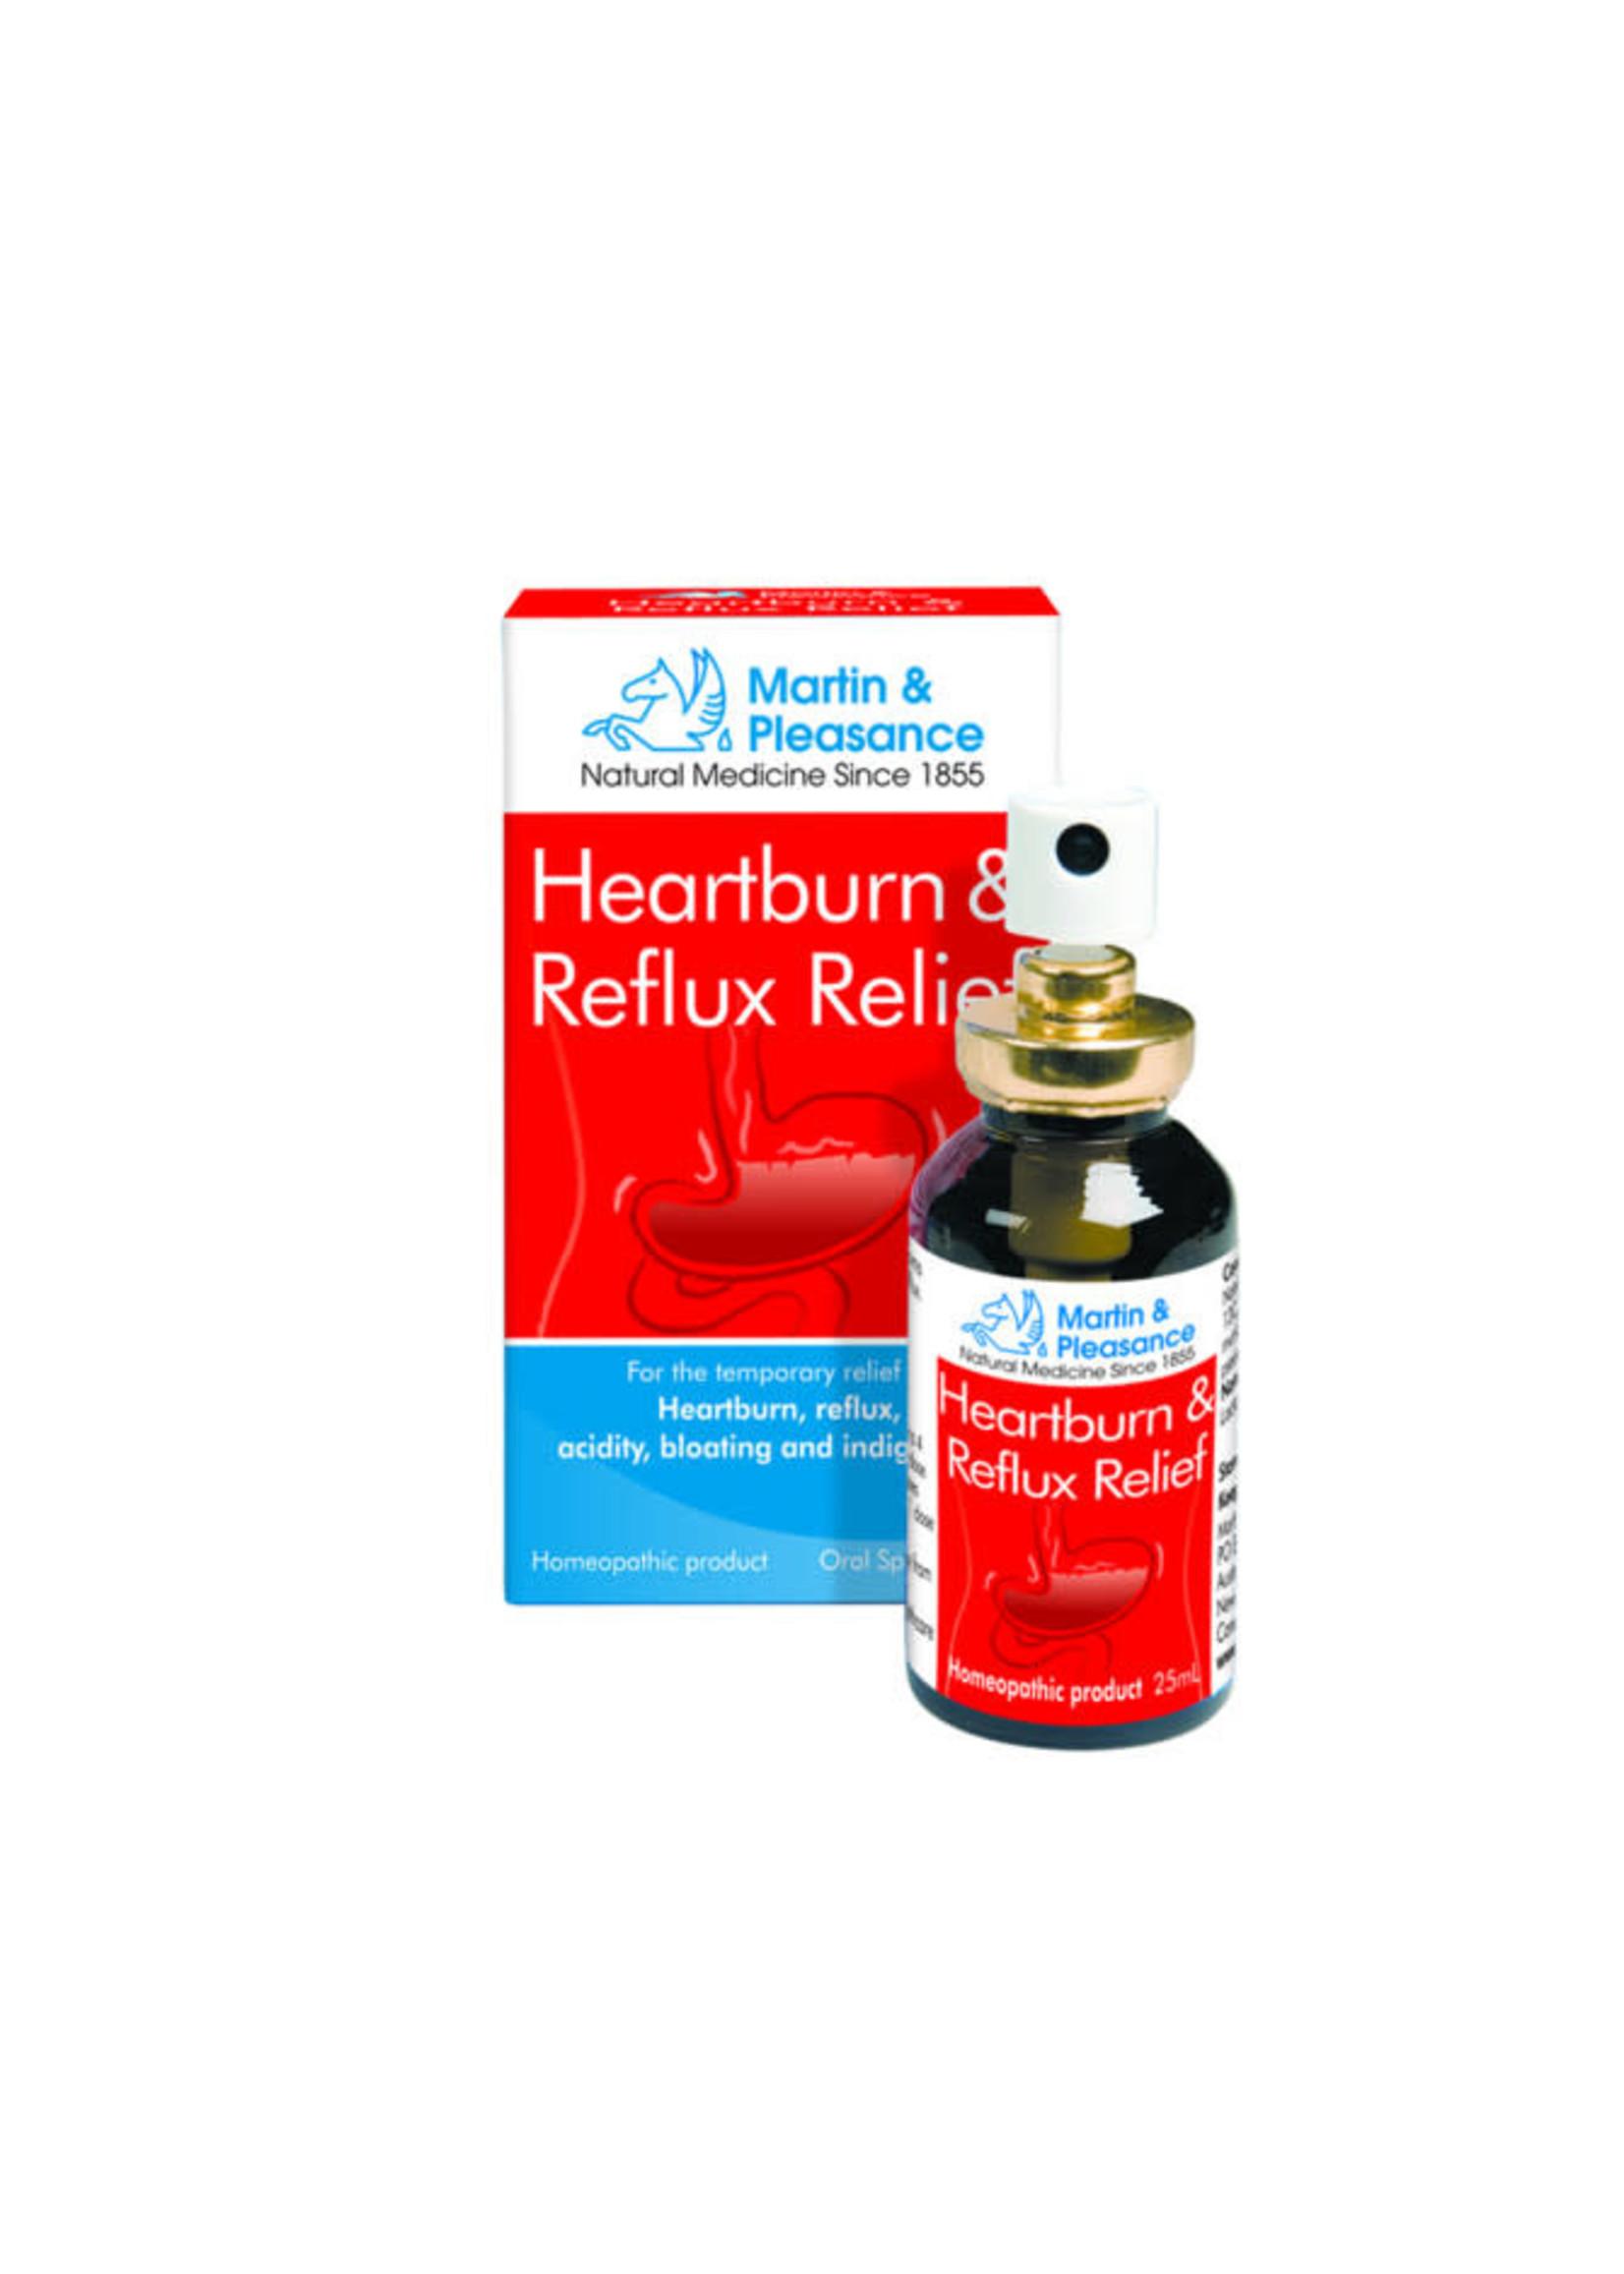 Martin & Pleasance Martin & Pleasance Heartburn  & Reflux Relief Oral Spray 25ml